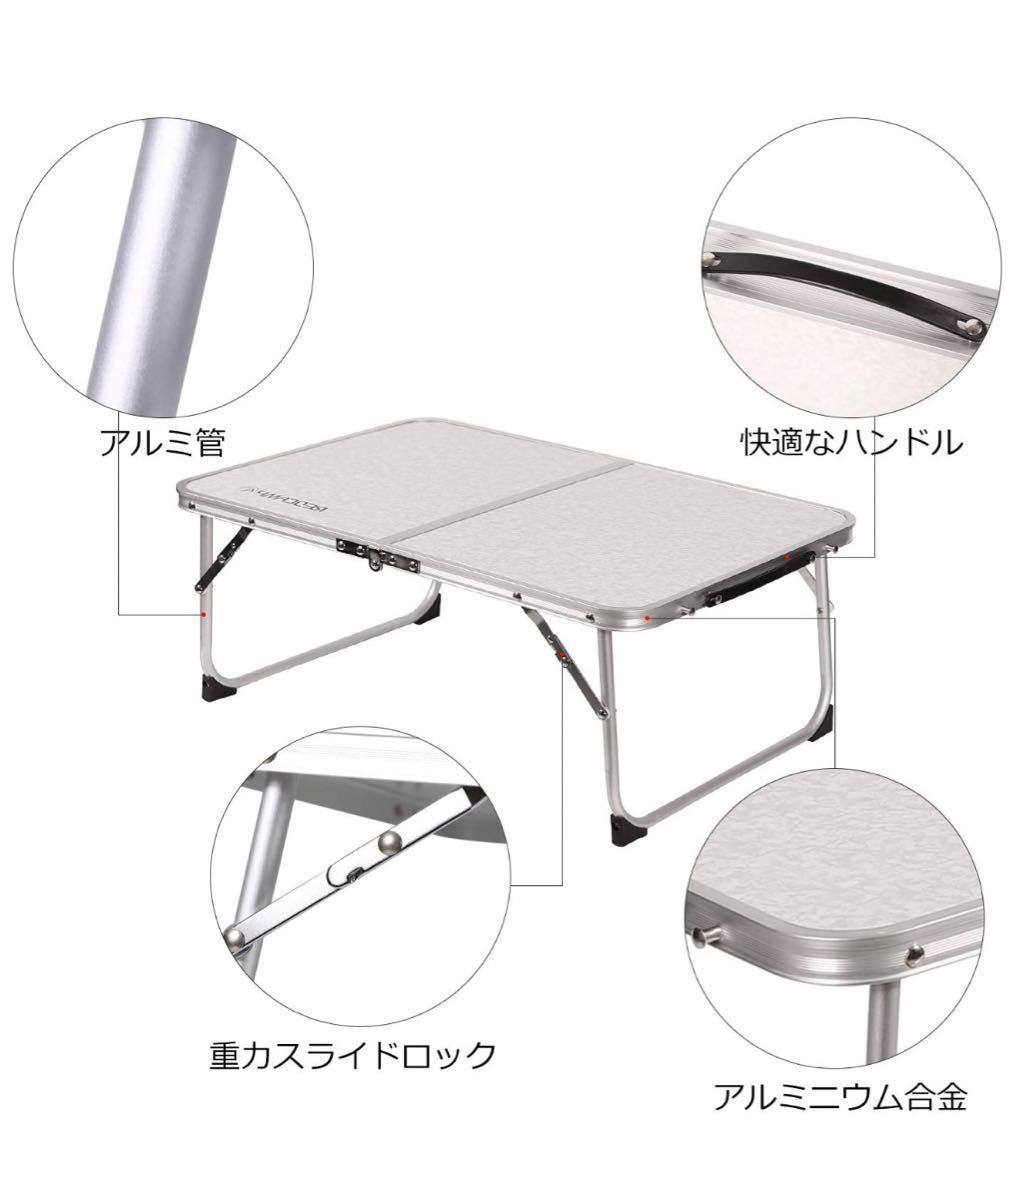 アウトドアテーブル 折り畳みテーブル ピクニック キャンプ バーベキュー BBQ